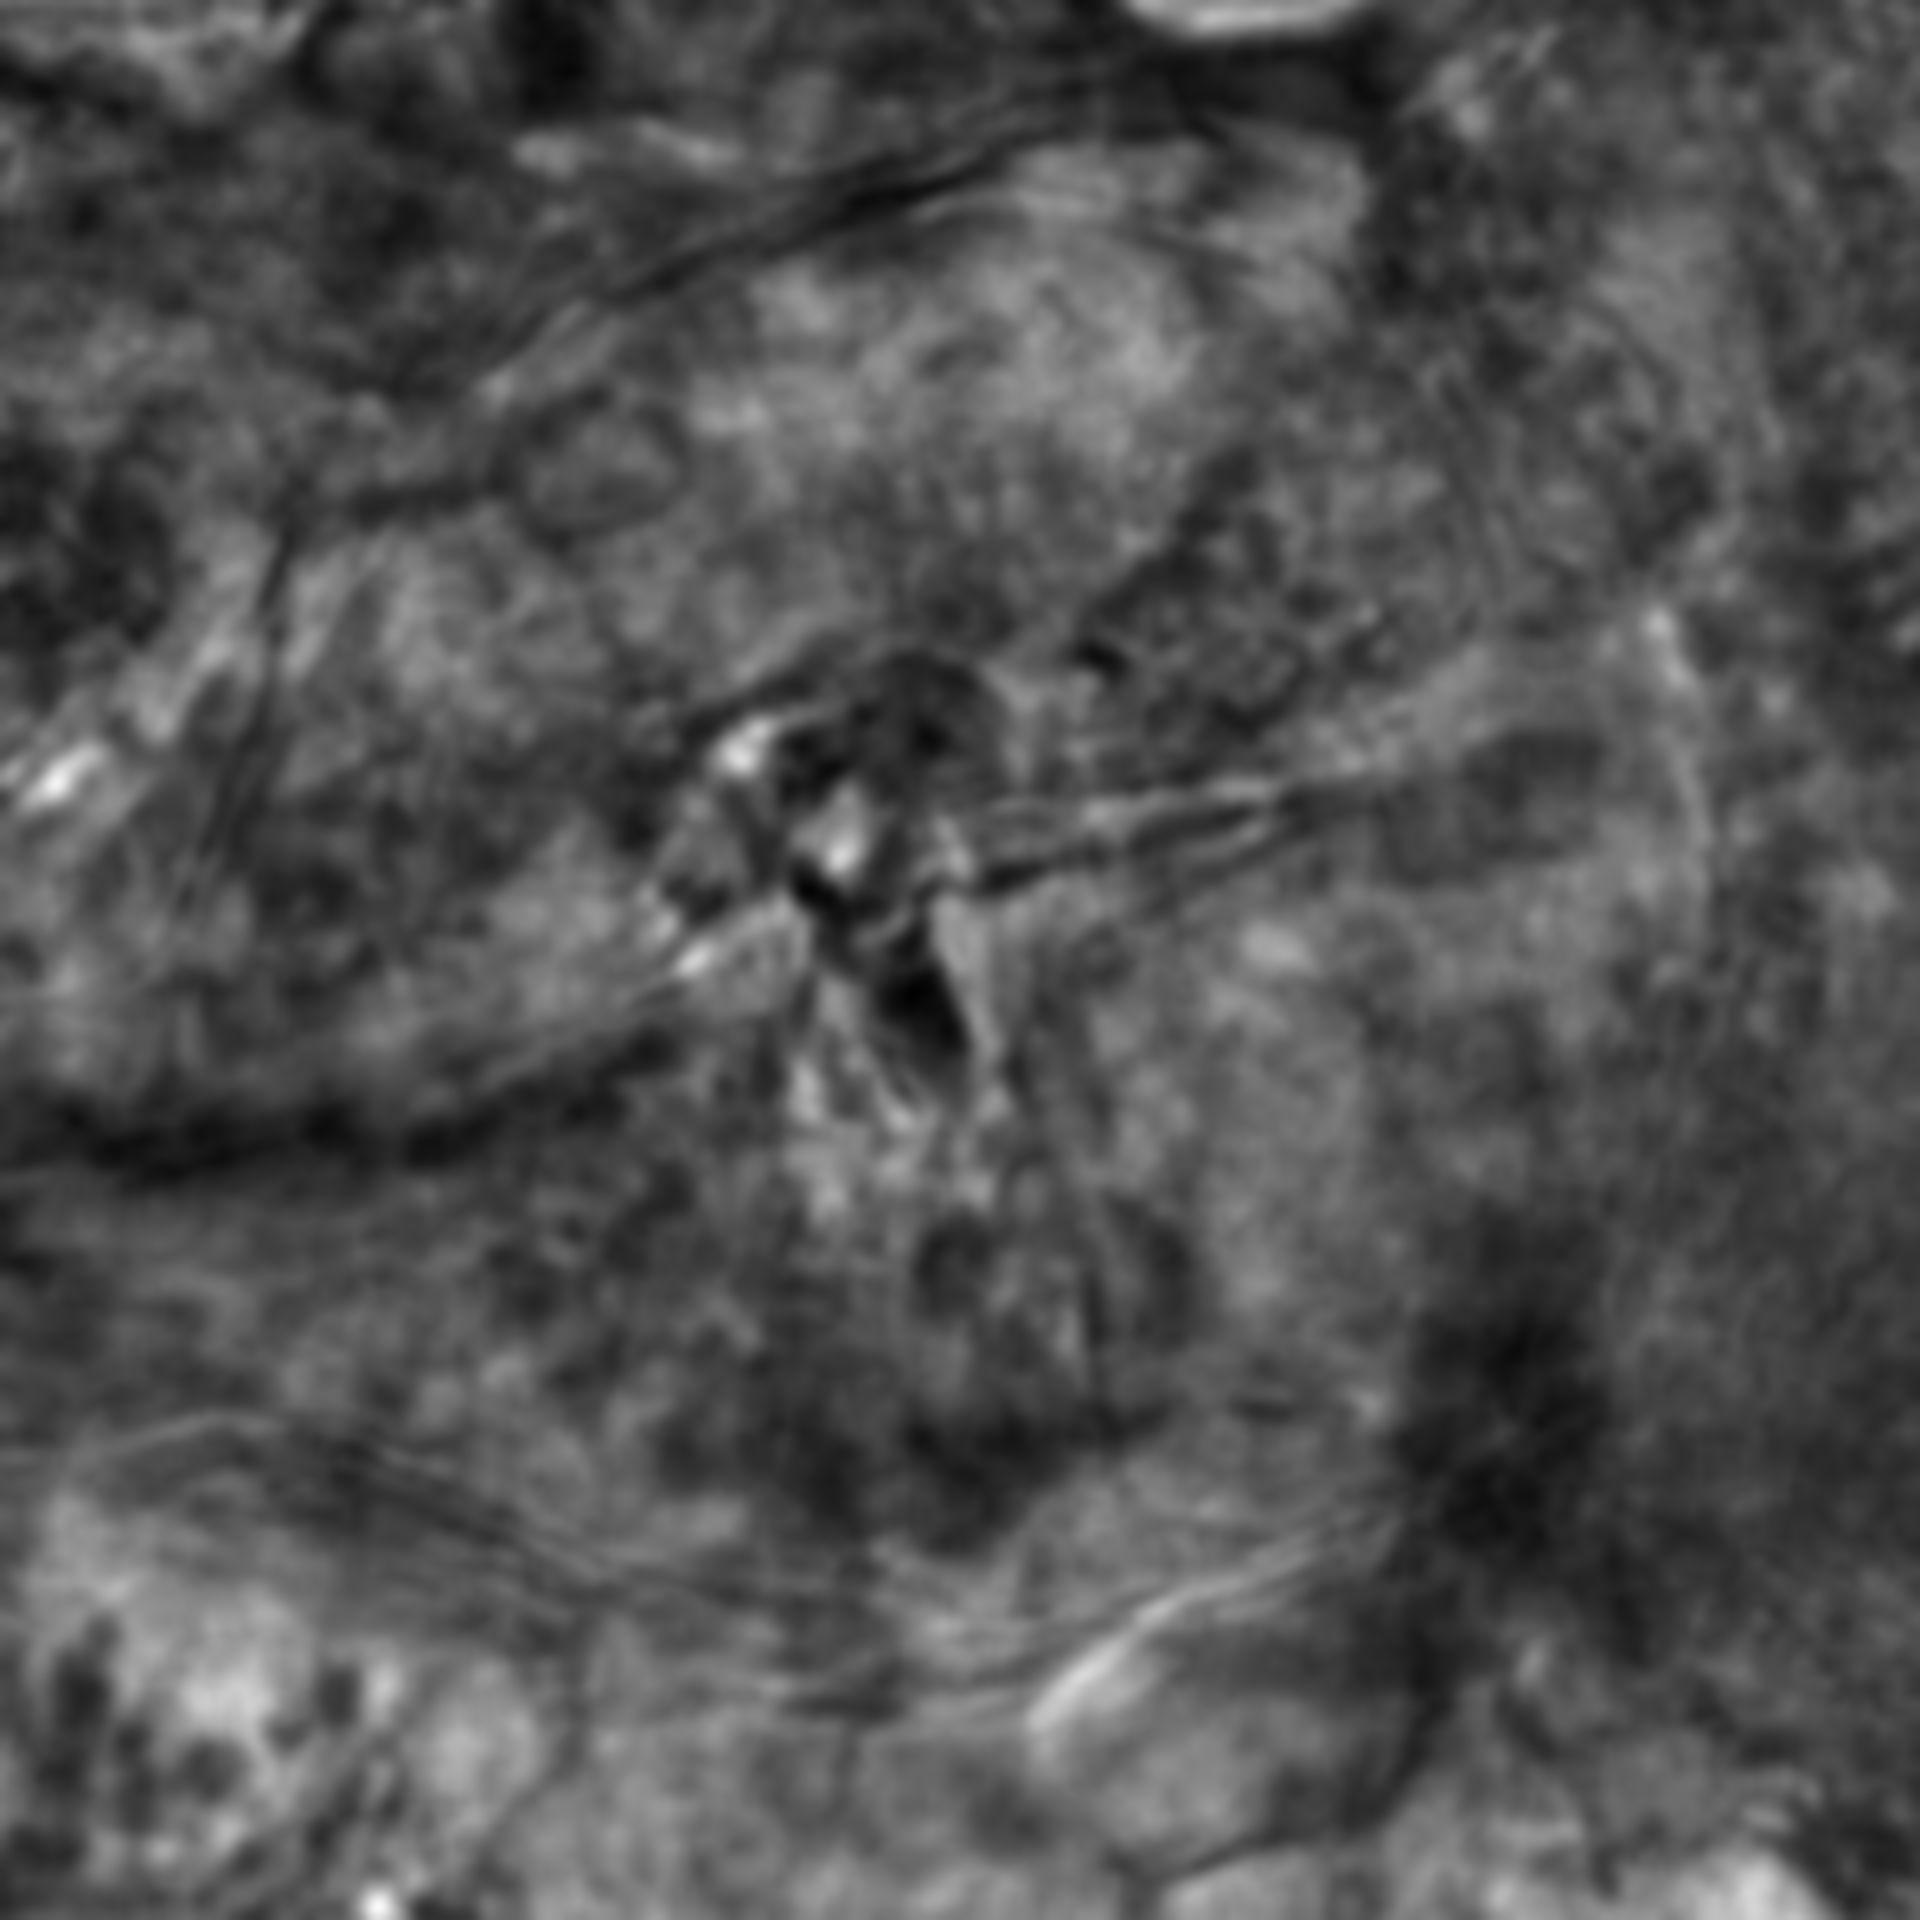 Caenorhabditis elegans - CIL:2298